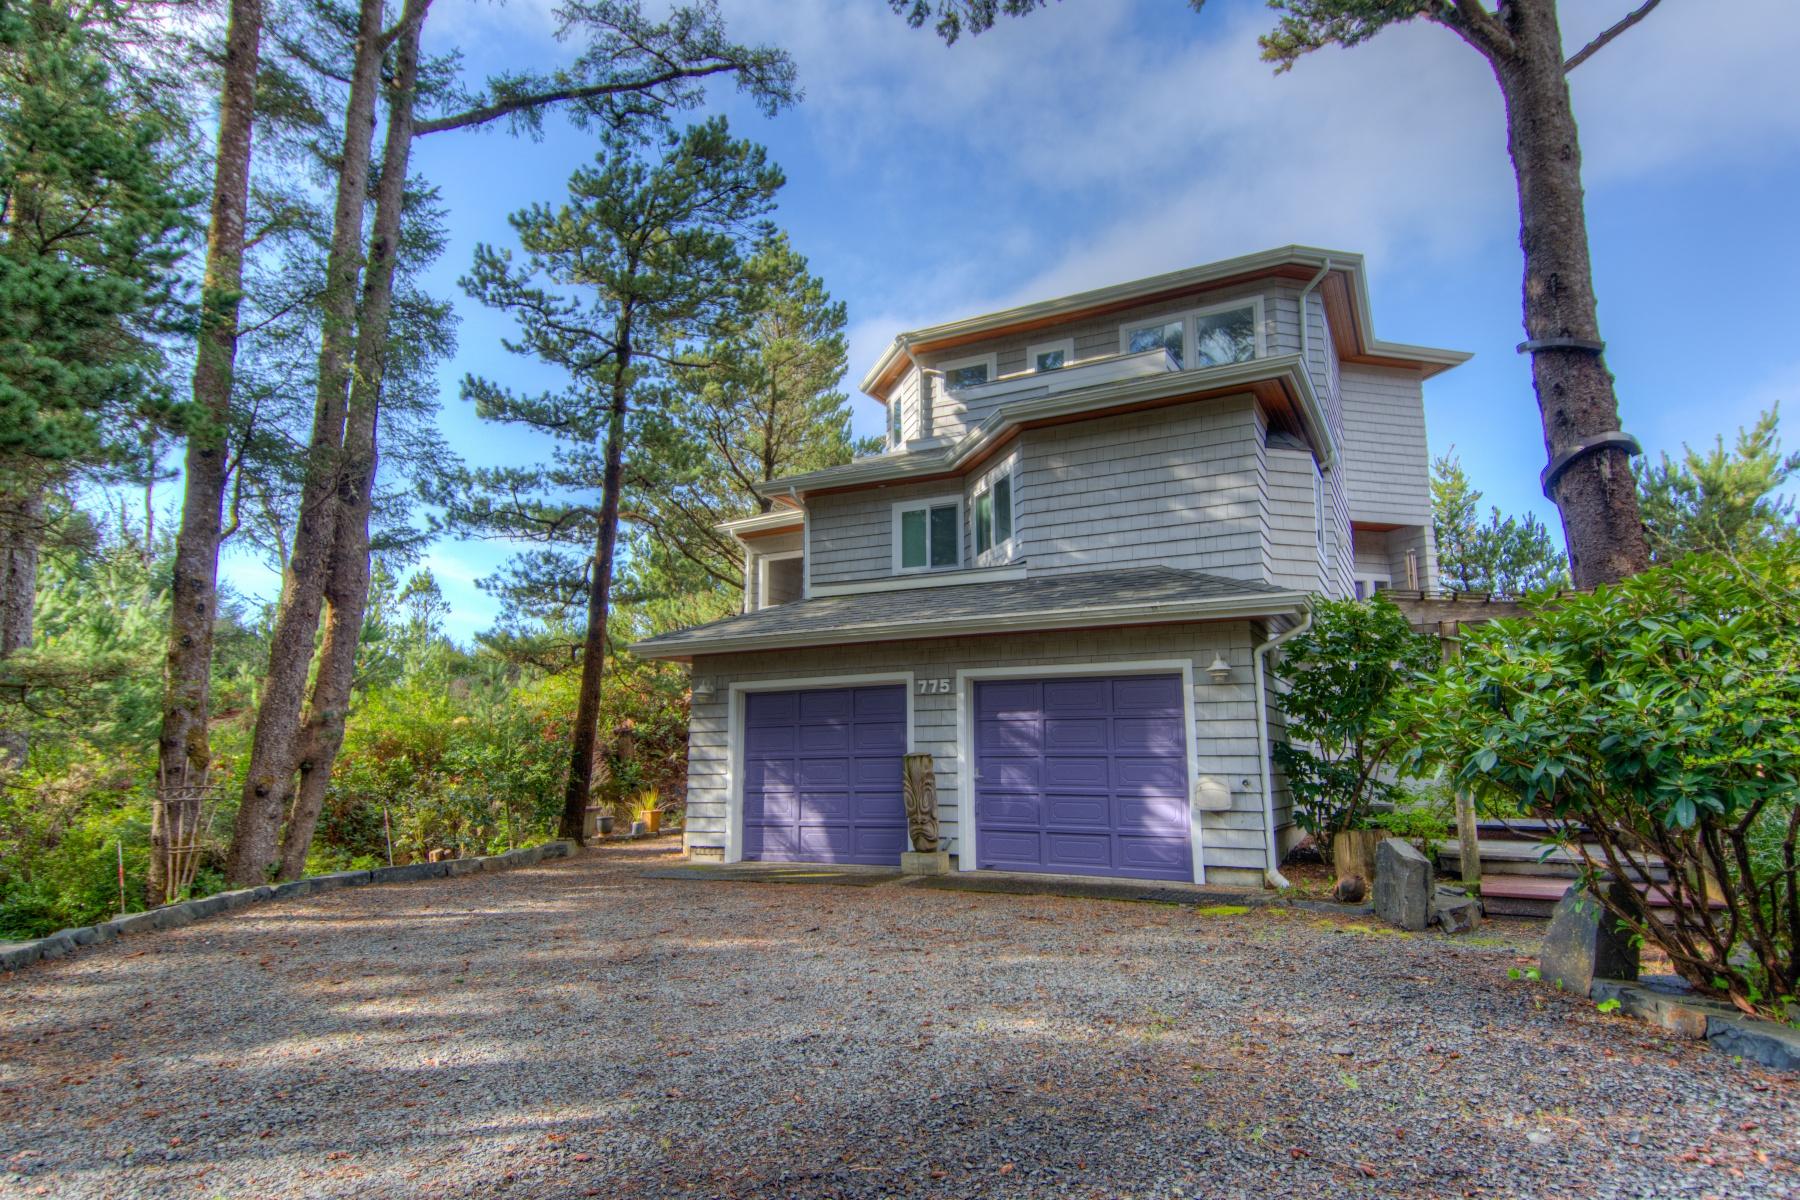 Nhà ở một gia đình vì Bán tại 775 CHERRY LN, MANZANITA Manzanita, Oregon, 97130 Hoa Kỳ